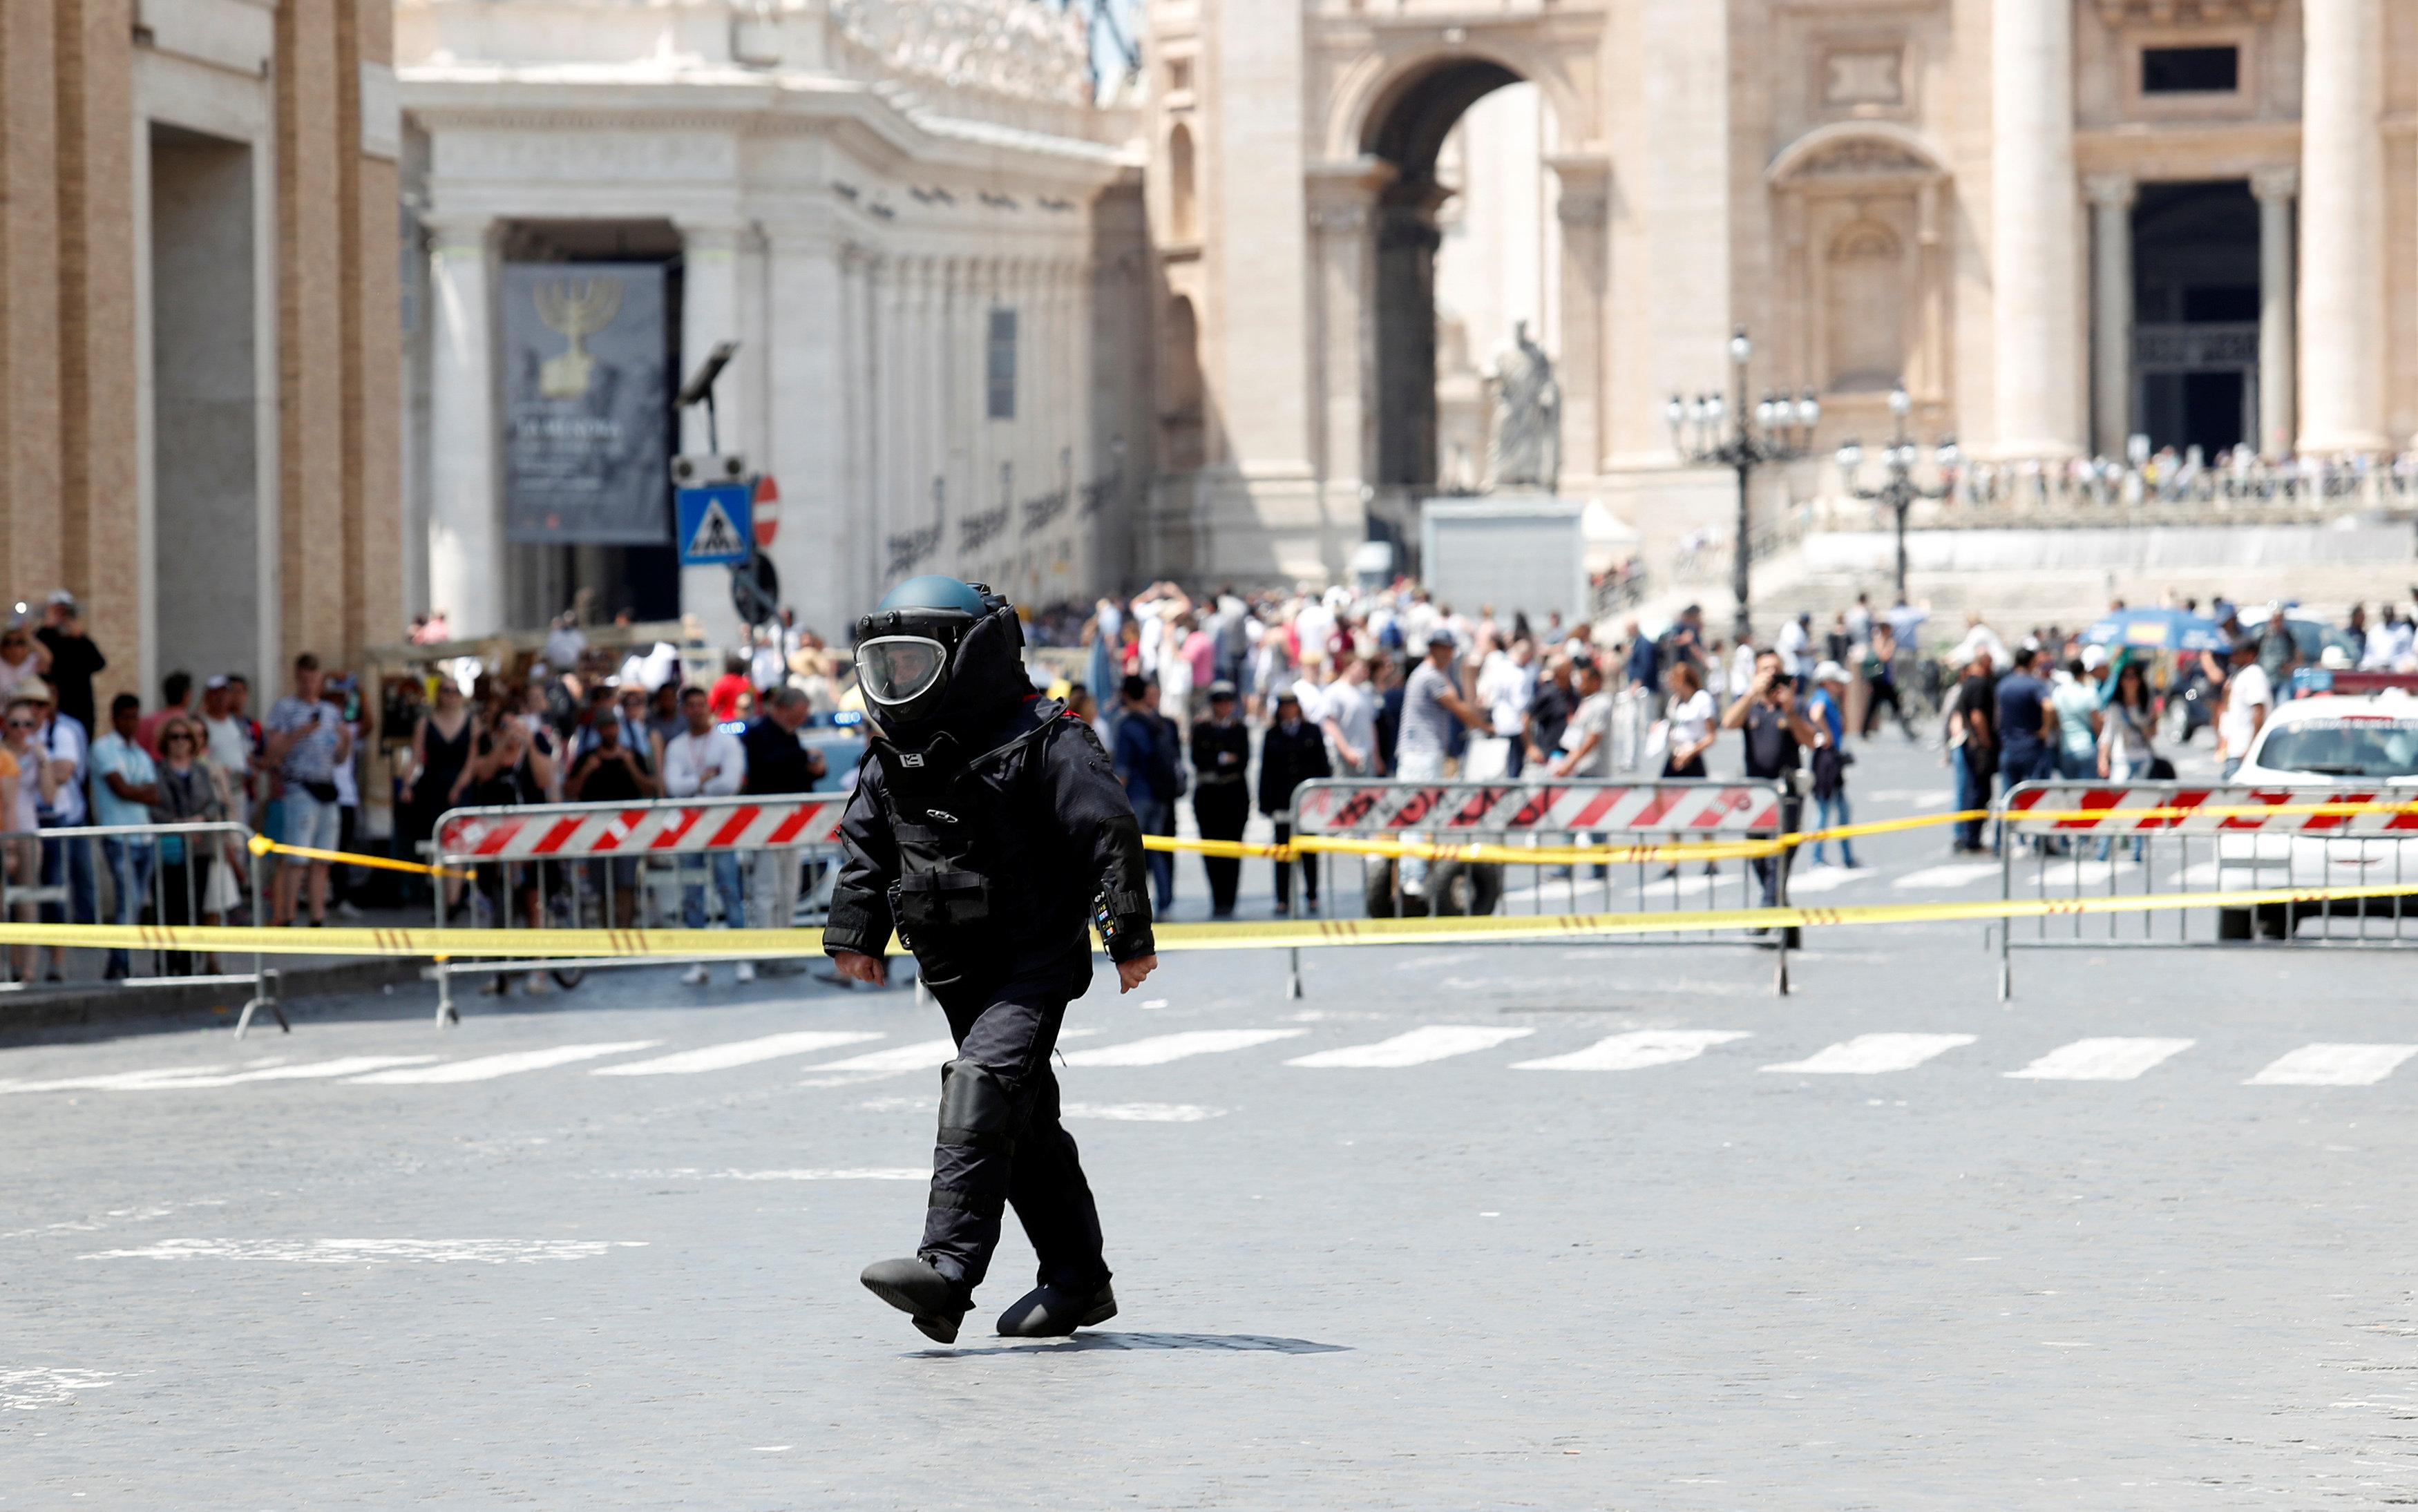 صورة الحرس السويسري: الفاتيكان مستعد للتصدي لهجوم على غرار برشلونة